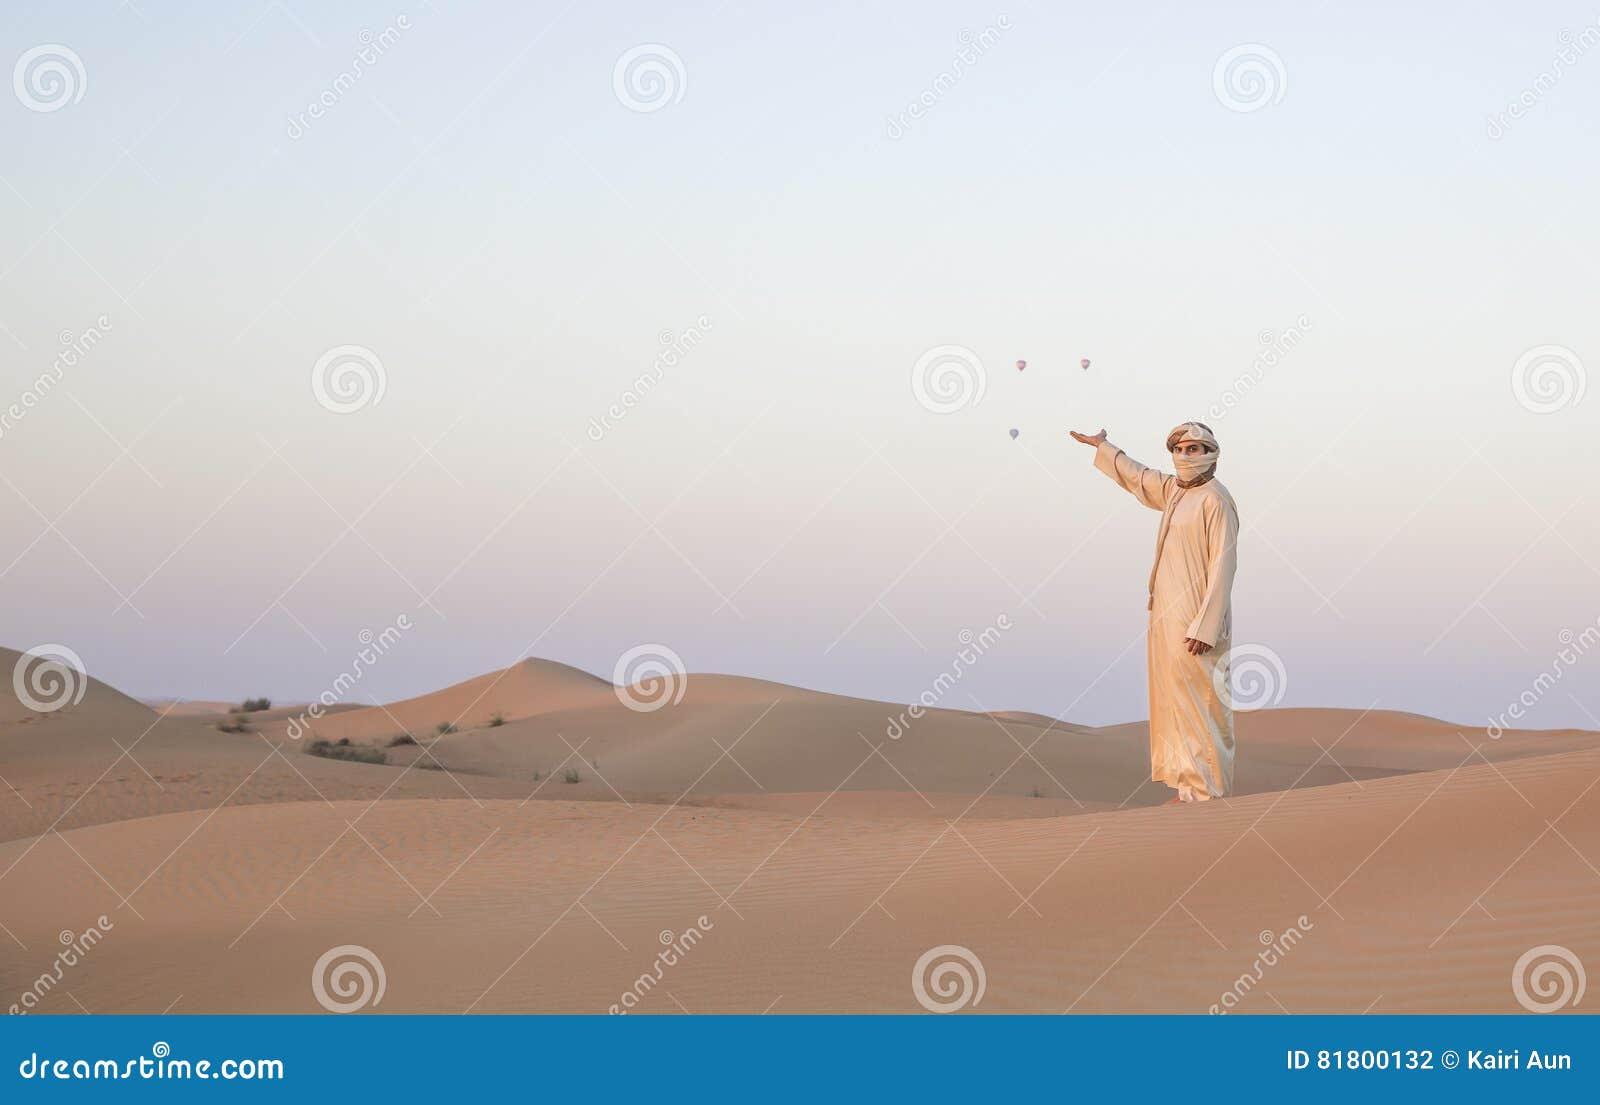 Mężczyzna w tradycyjnym stroju w pustyni blisko Dubaj